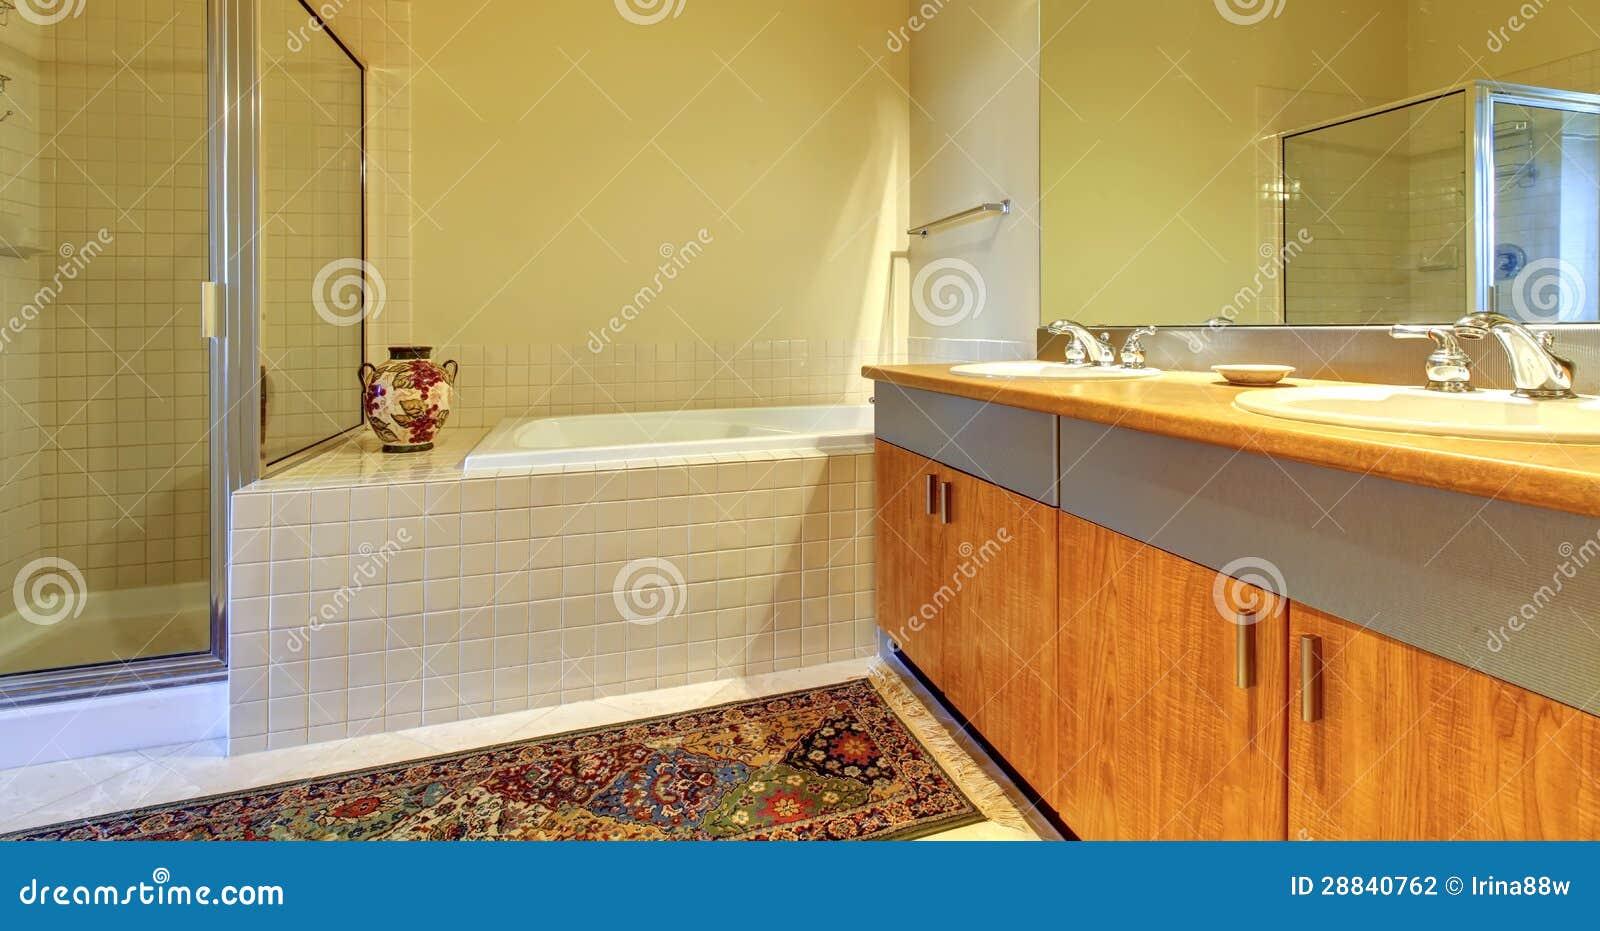 cuartos de bao con tinamodern bathroom with wood cuartos de bao con tina with cuartos de bao con ducha